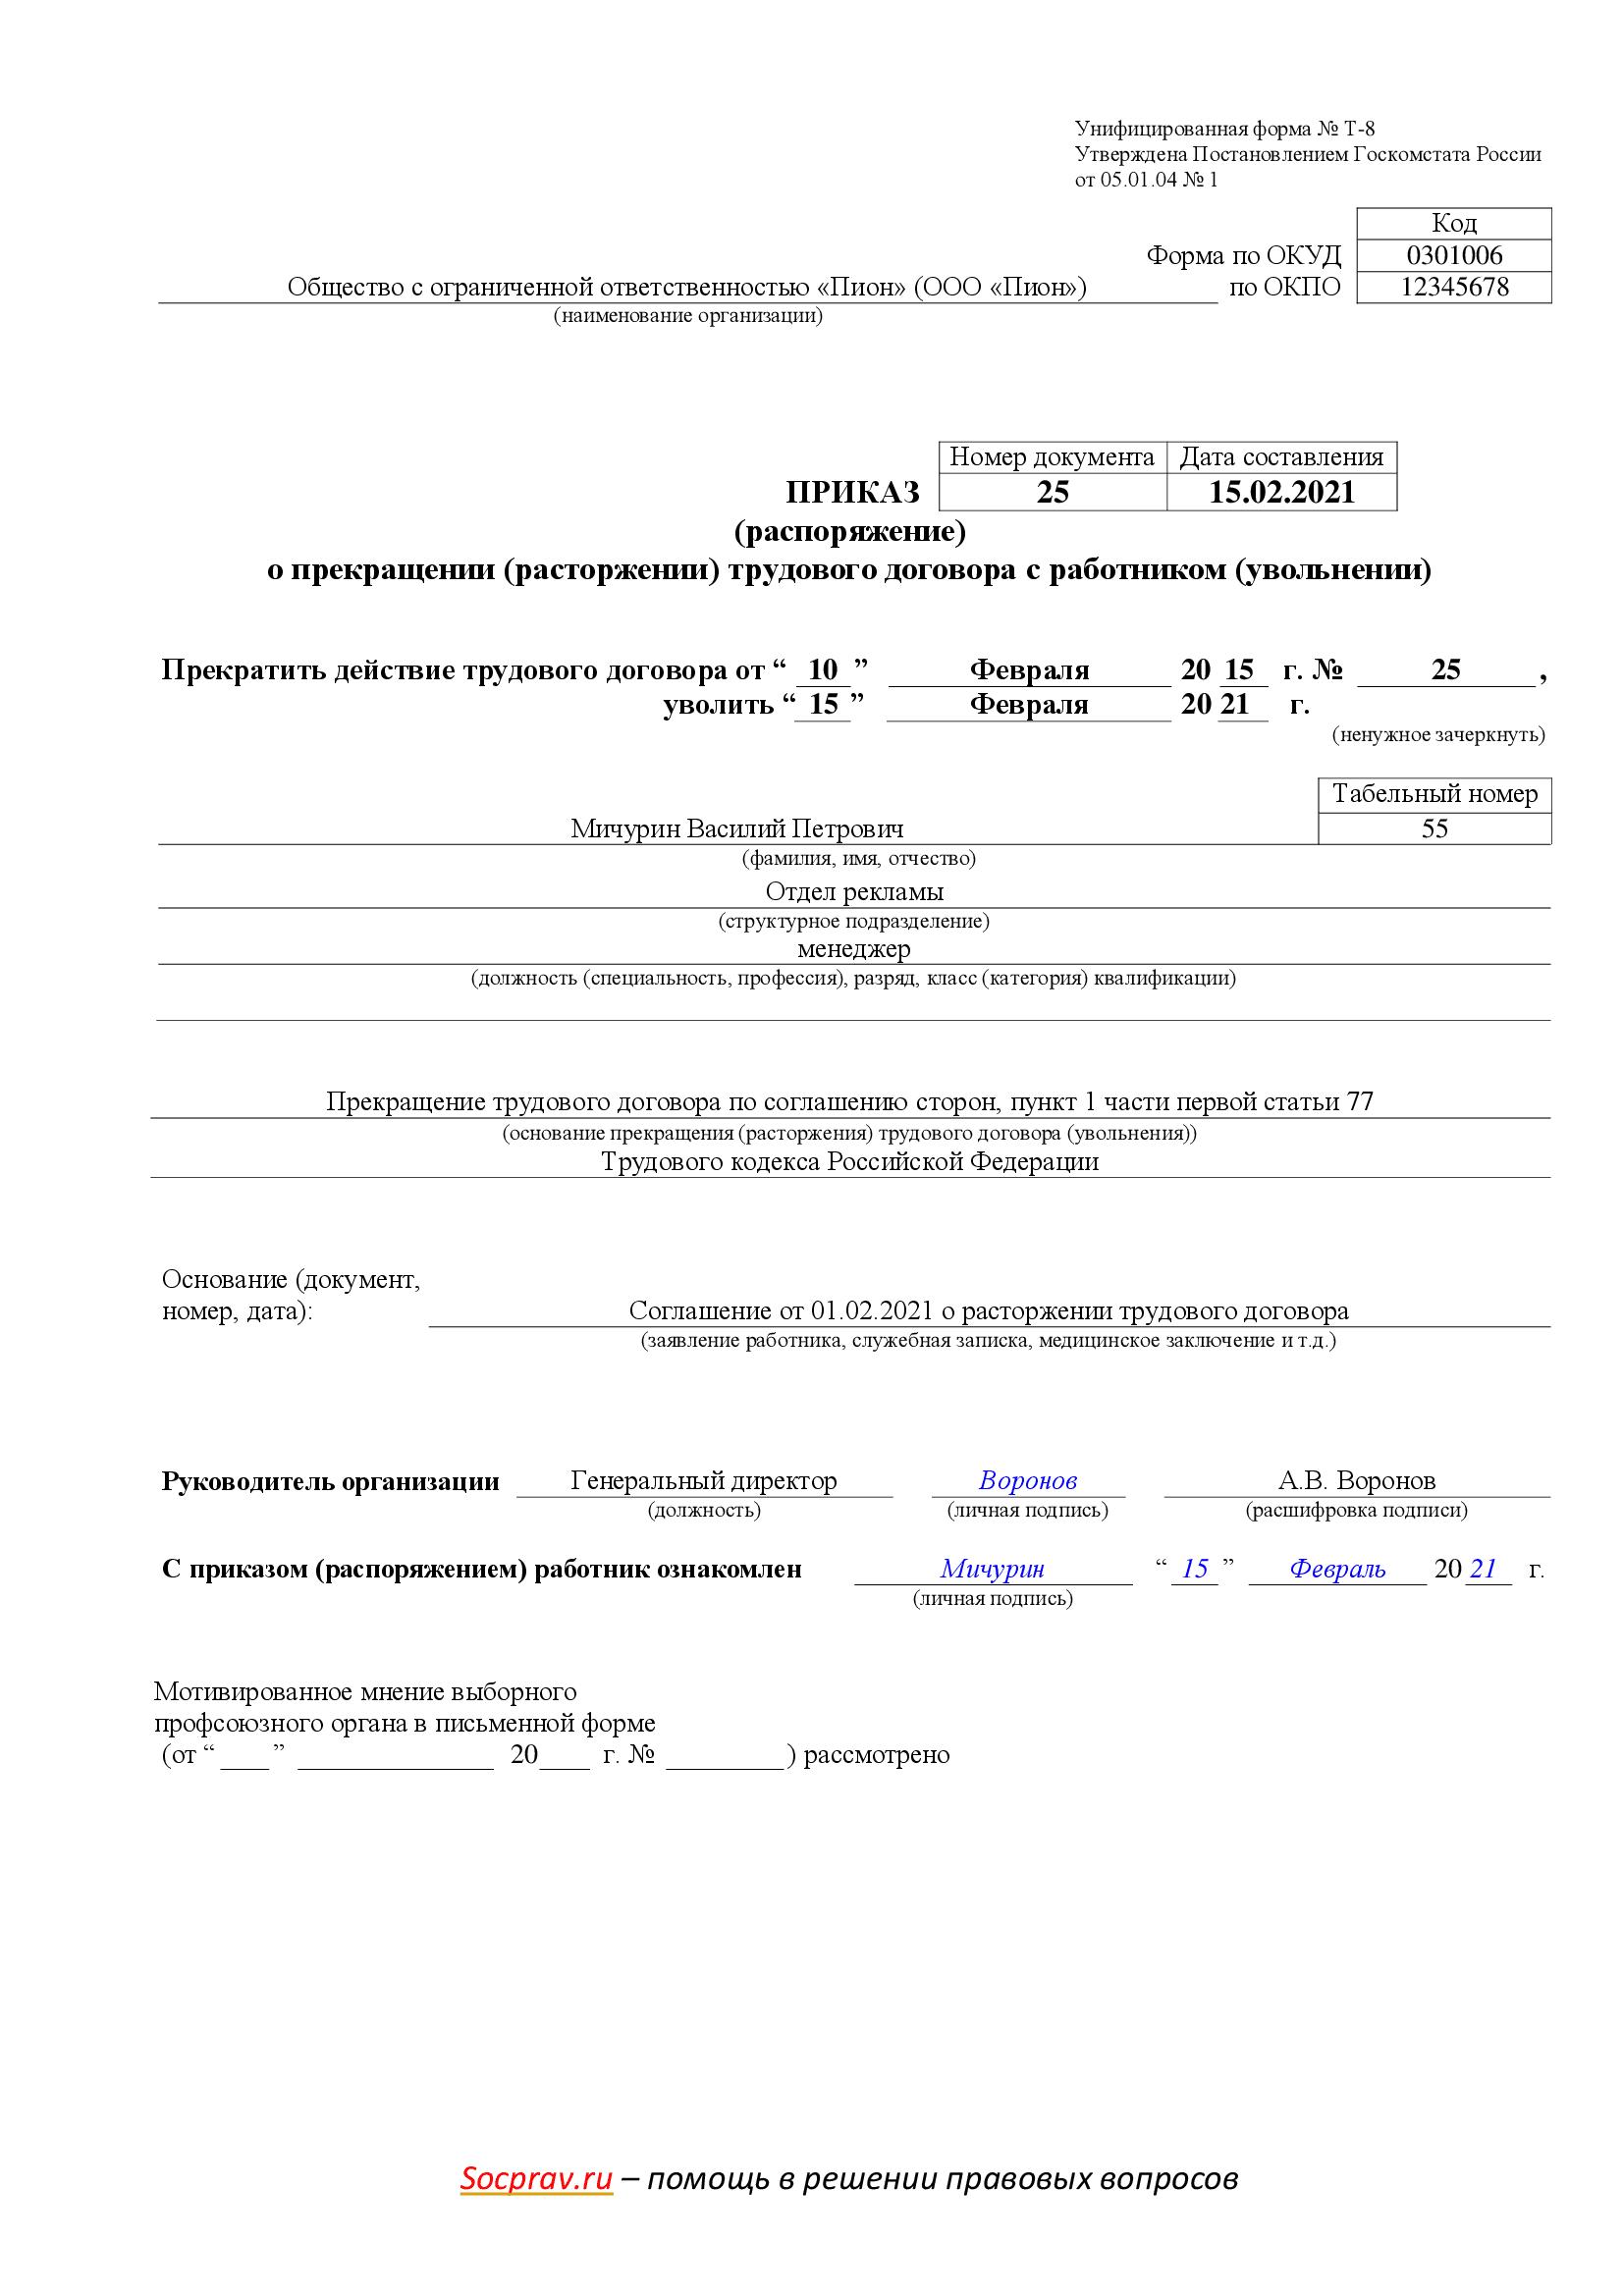 Приказ об увольнении по соглашению сторон